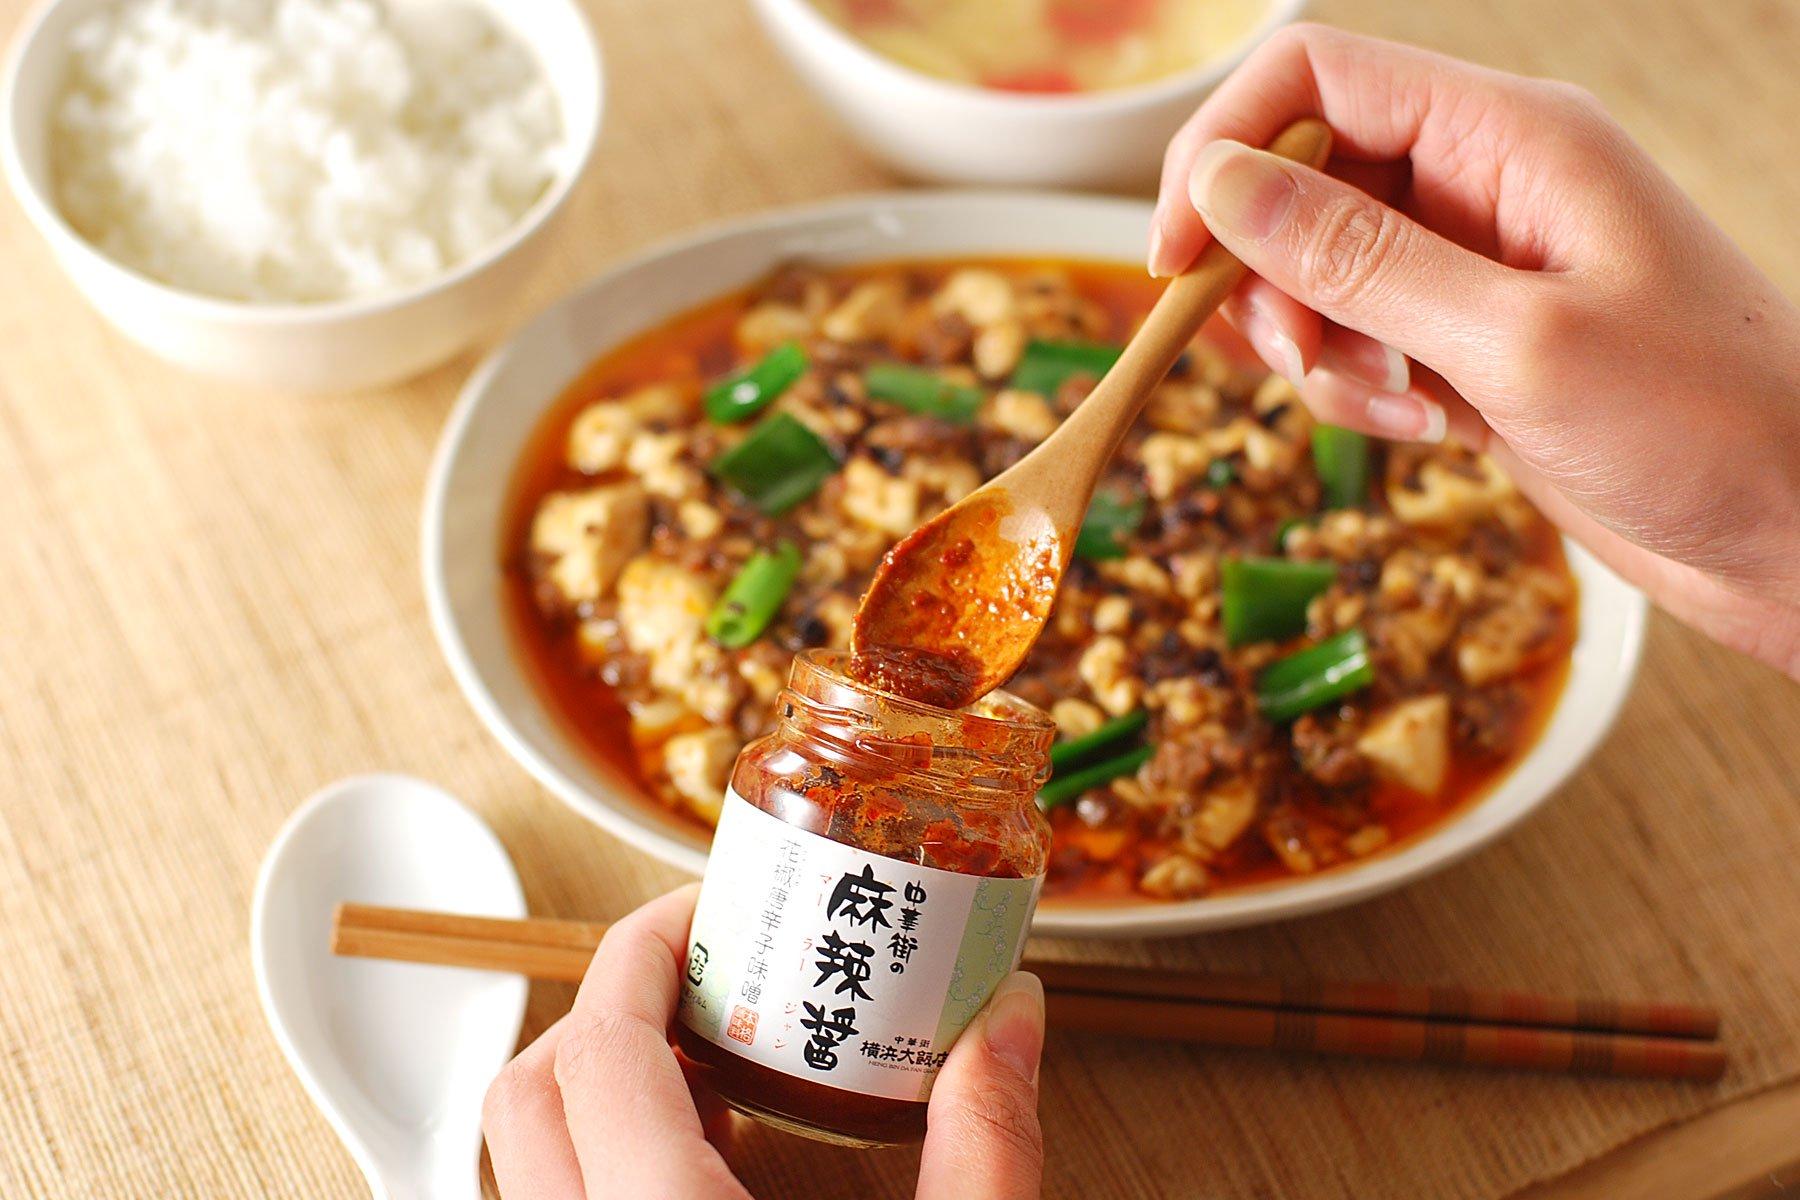 麻婆豆腐と麻辣醤